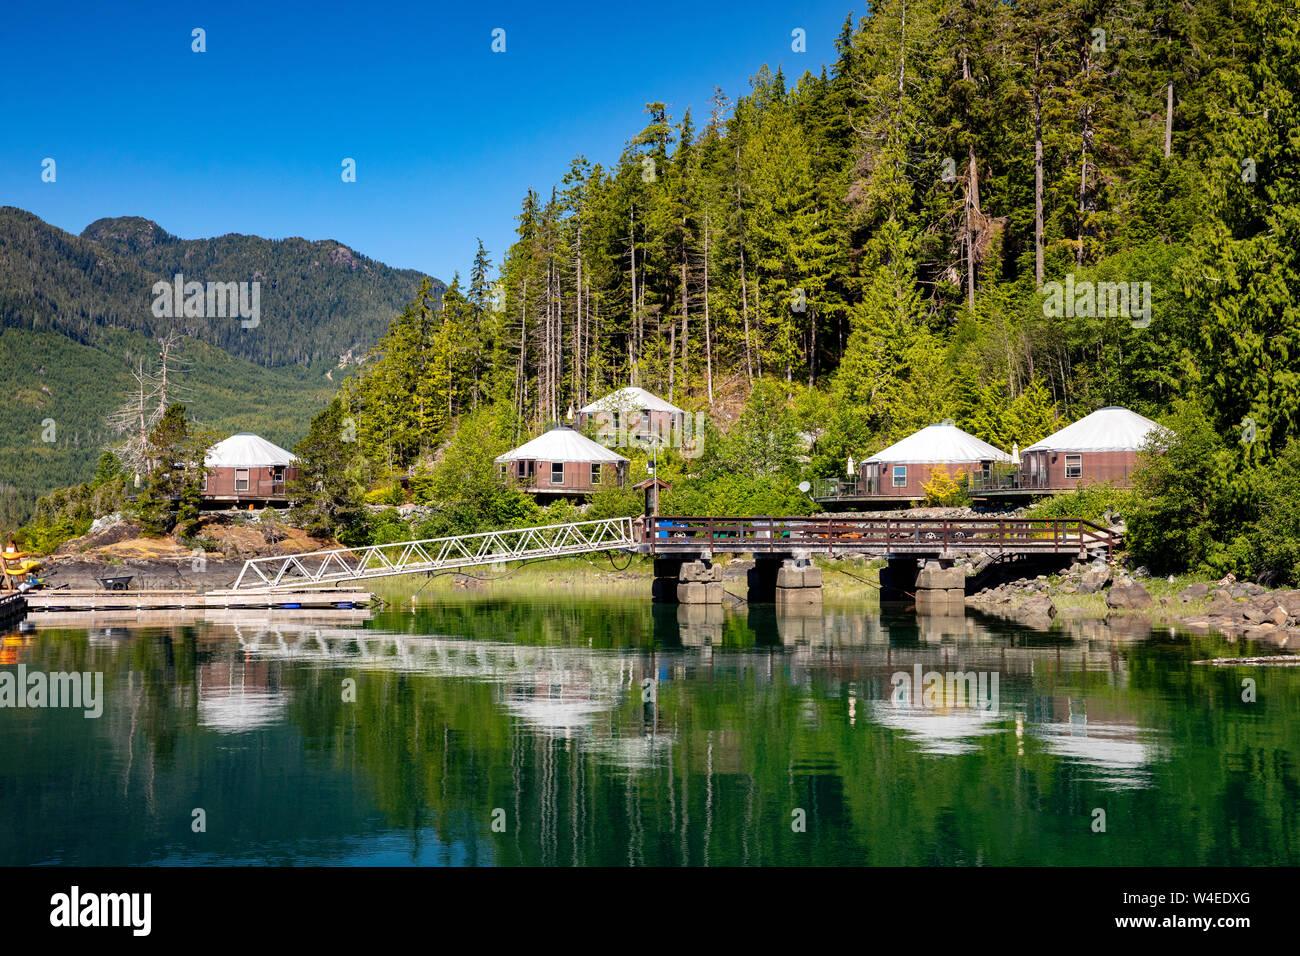 Yurts at Moutcha Bay Resort and Marina - Tahsis, Vancouver Island, British Columbia, Canada Stock Photo